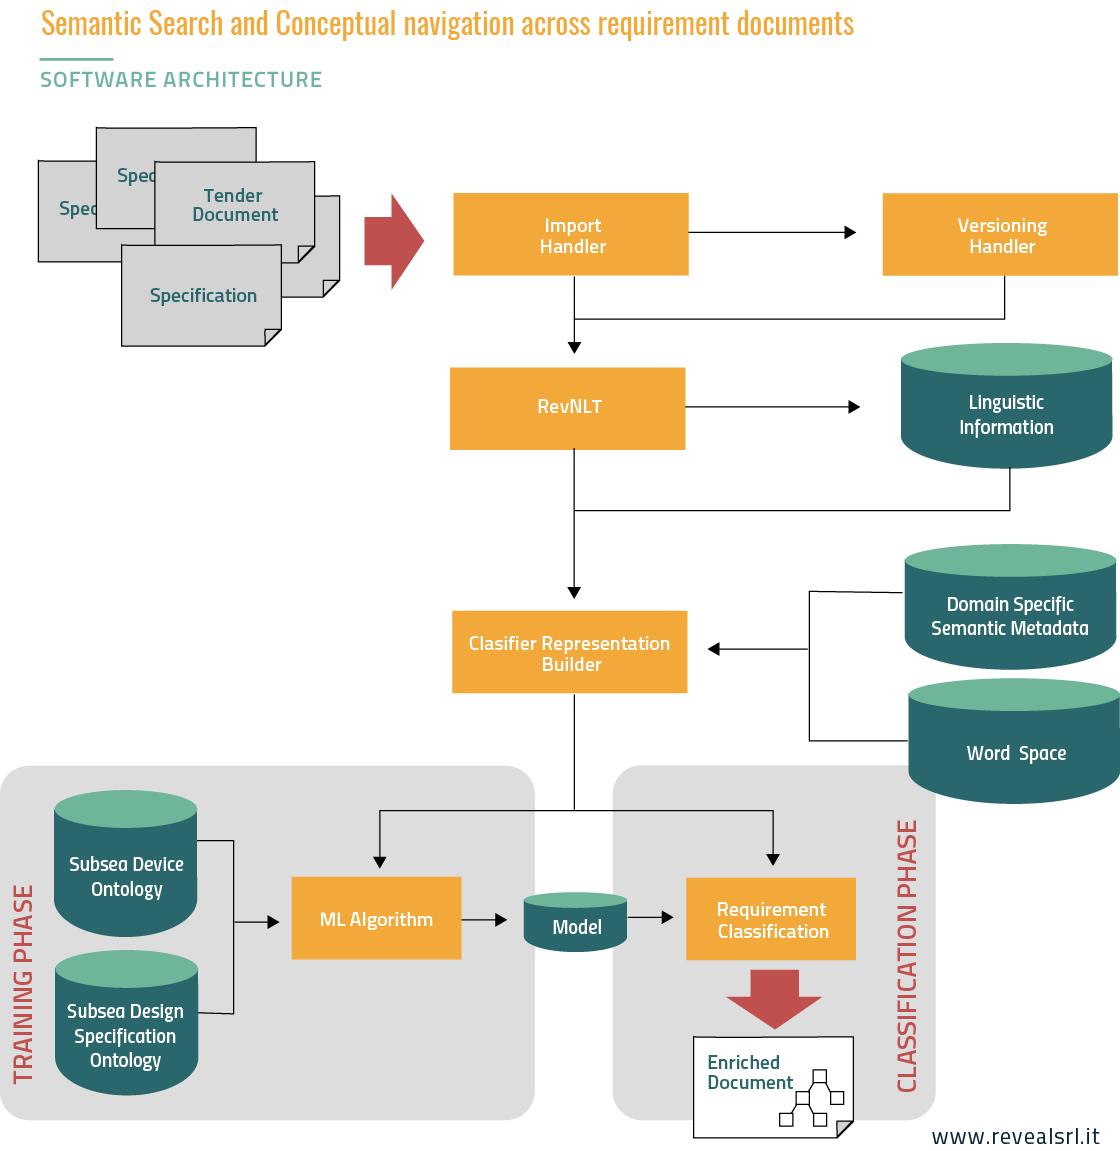 Semantic Search Software Architecture